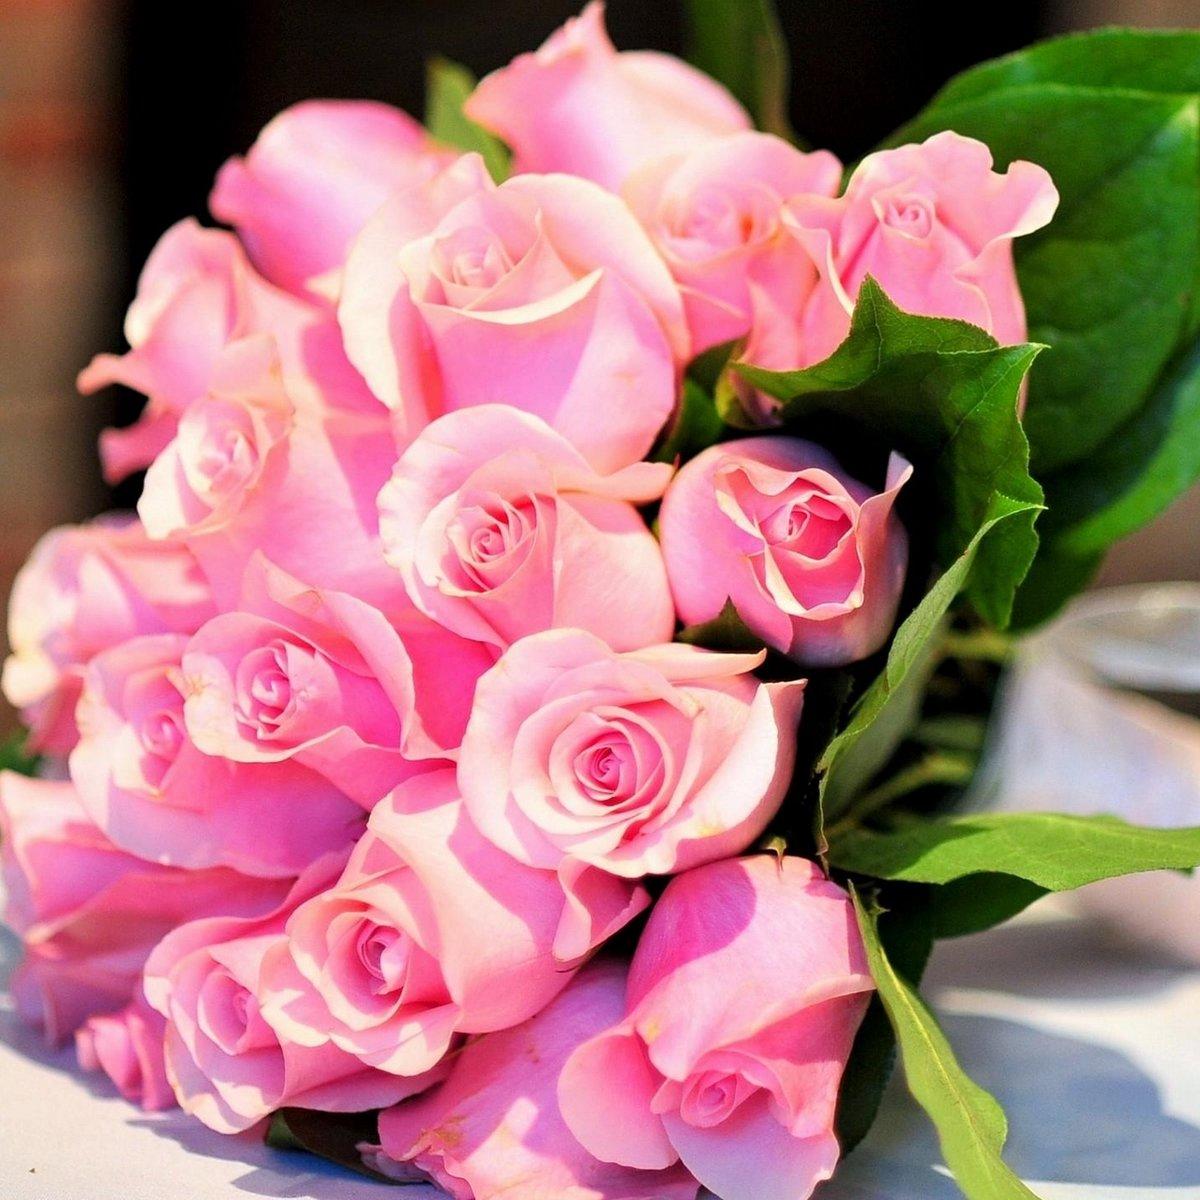 розовые розы фото букеты красивые с бриллиантами открыть свой выставочный